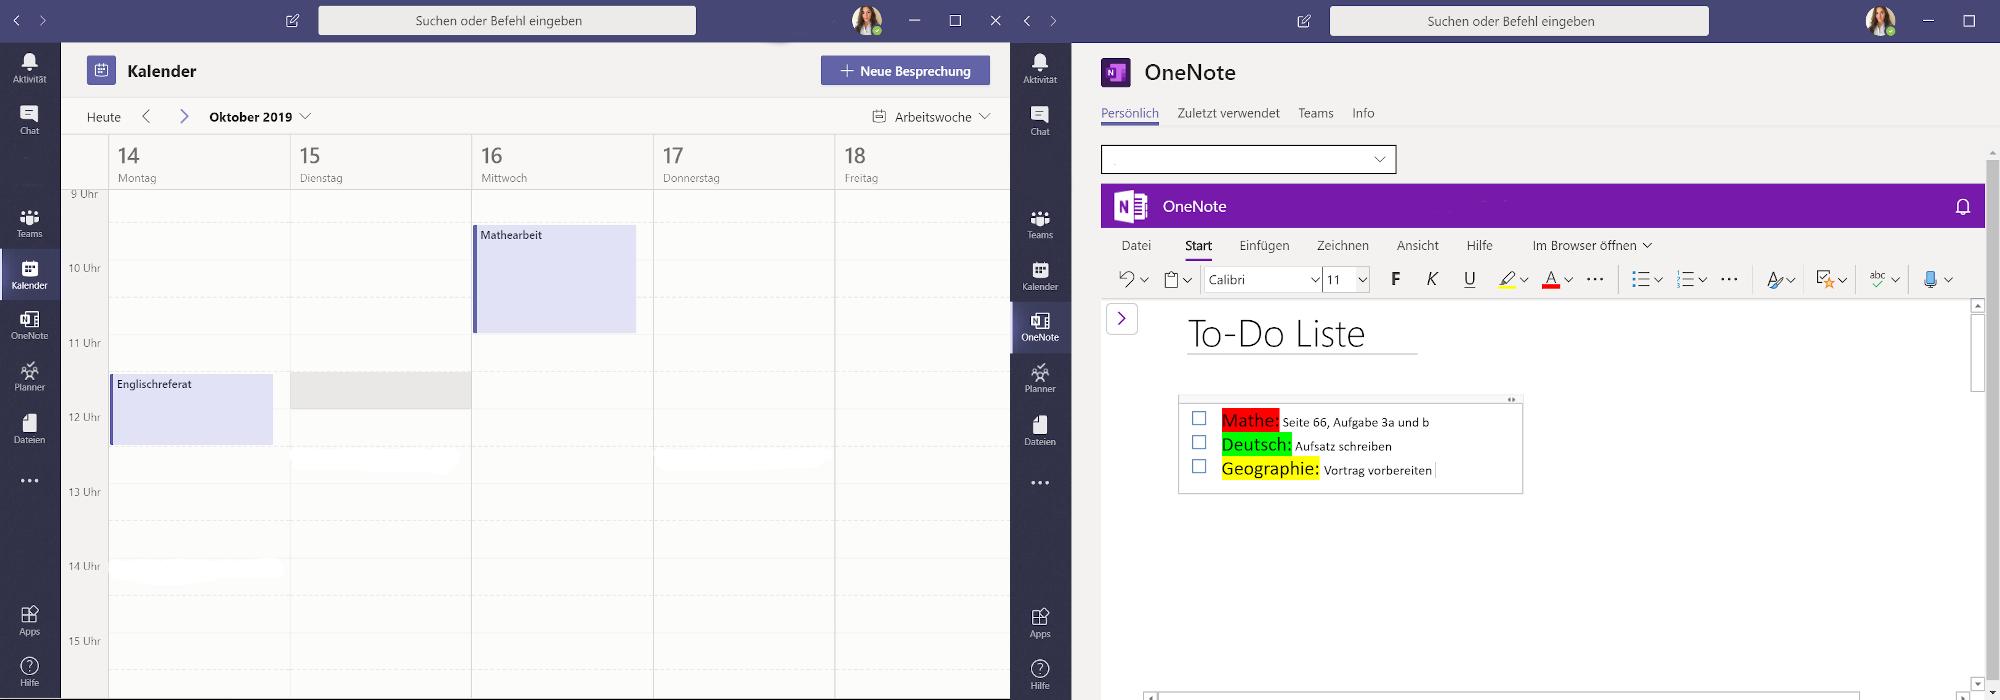 Zwei Screenshots zeigen die Anwendungen Microsoft Teams und OneNote